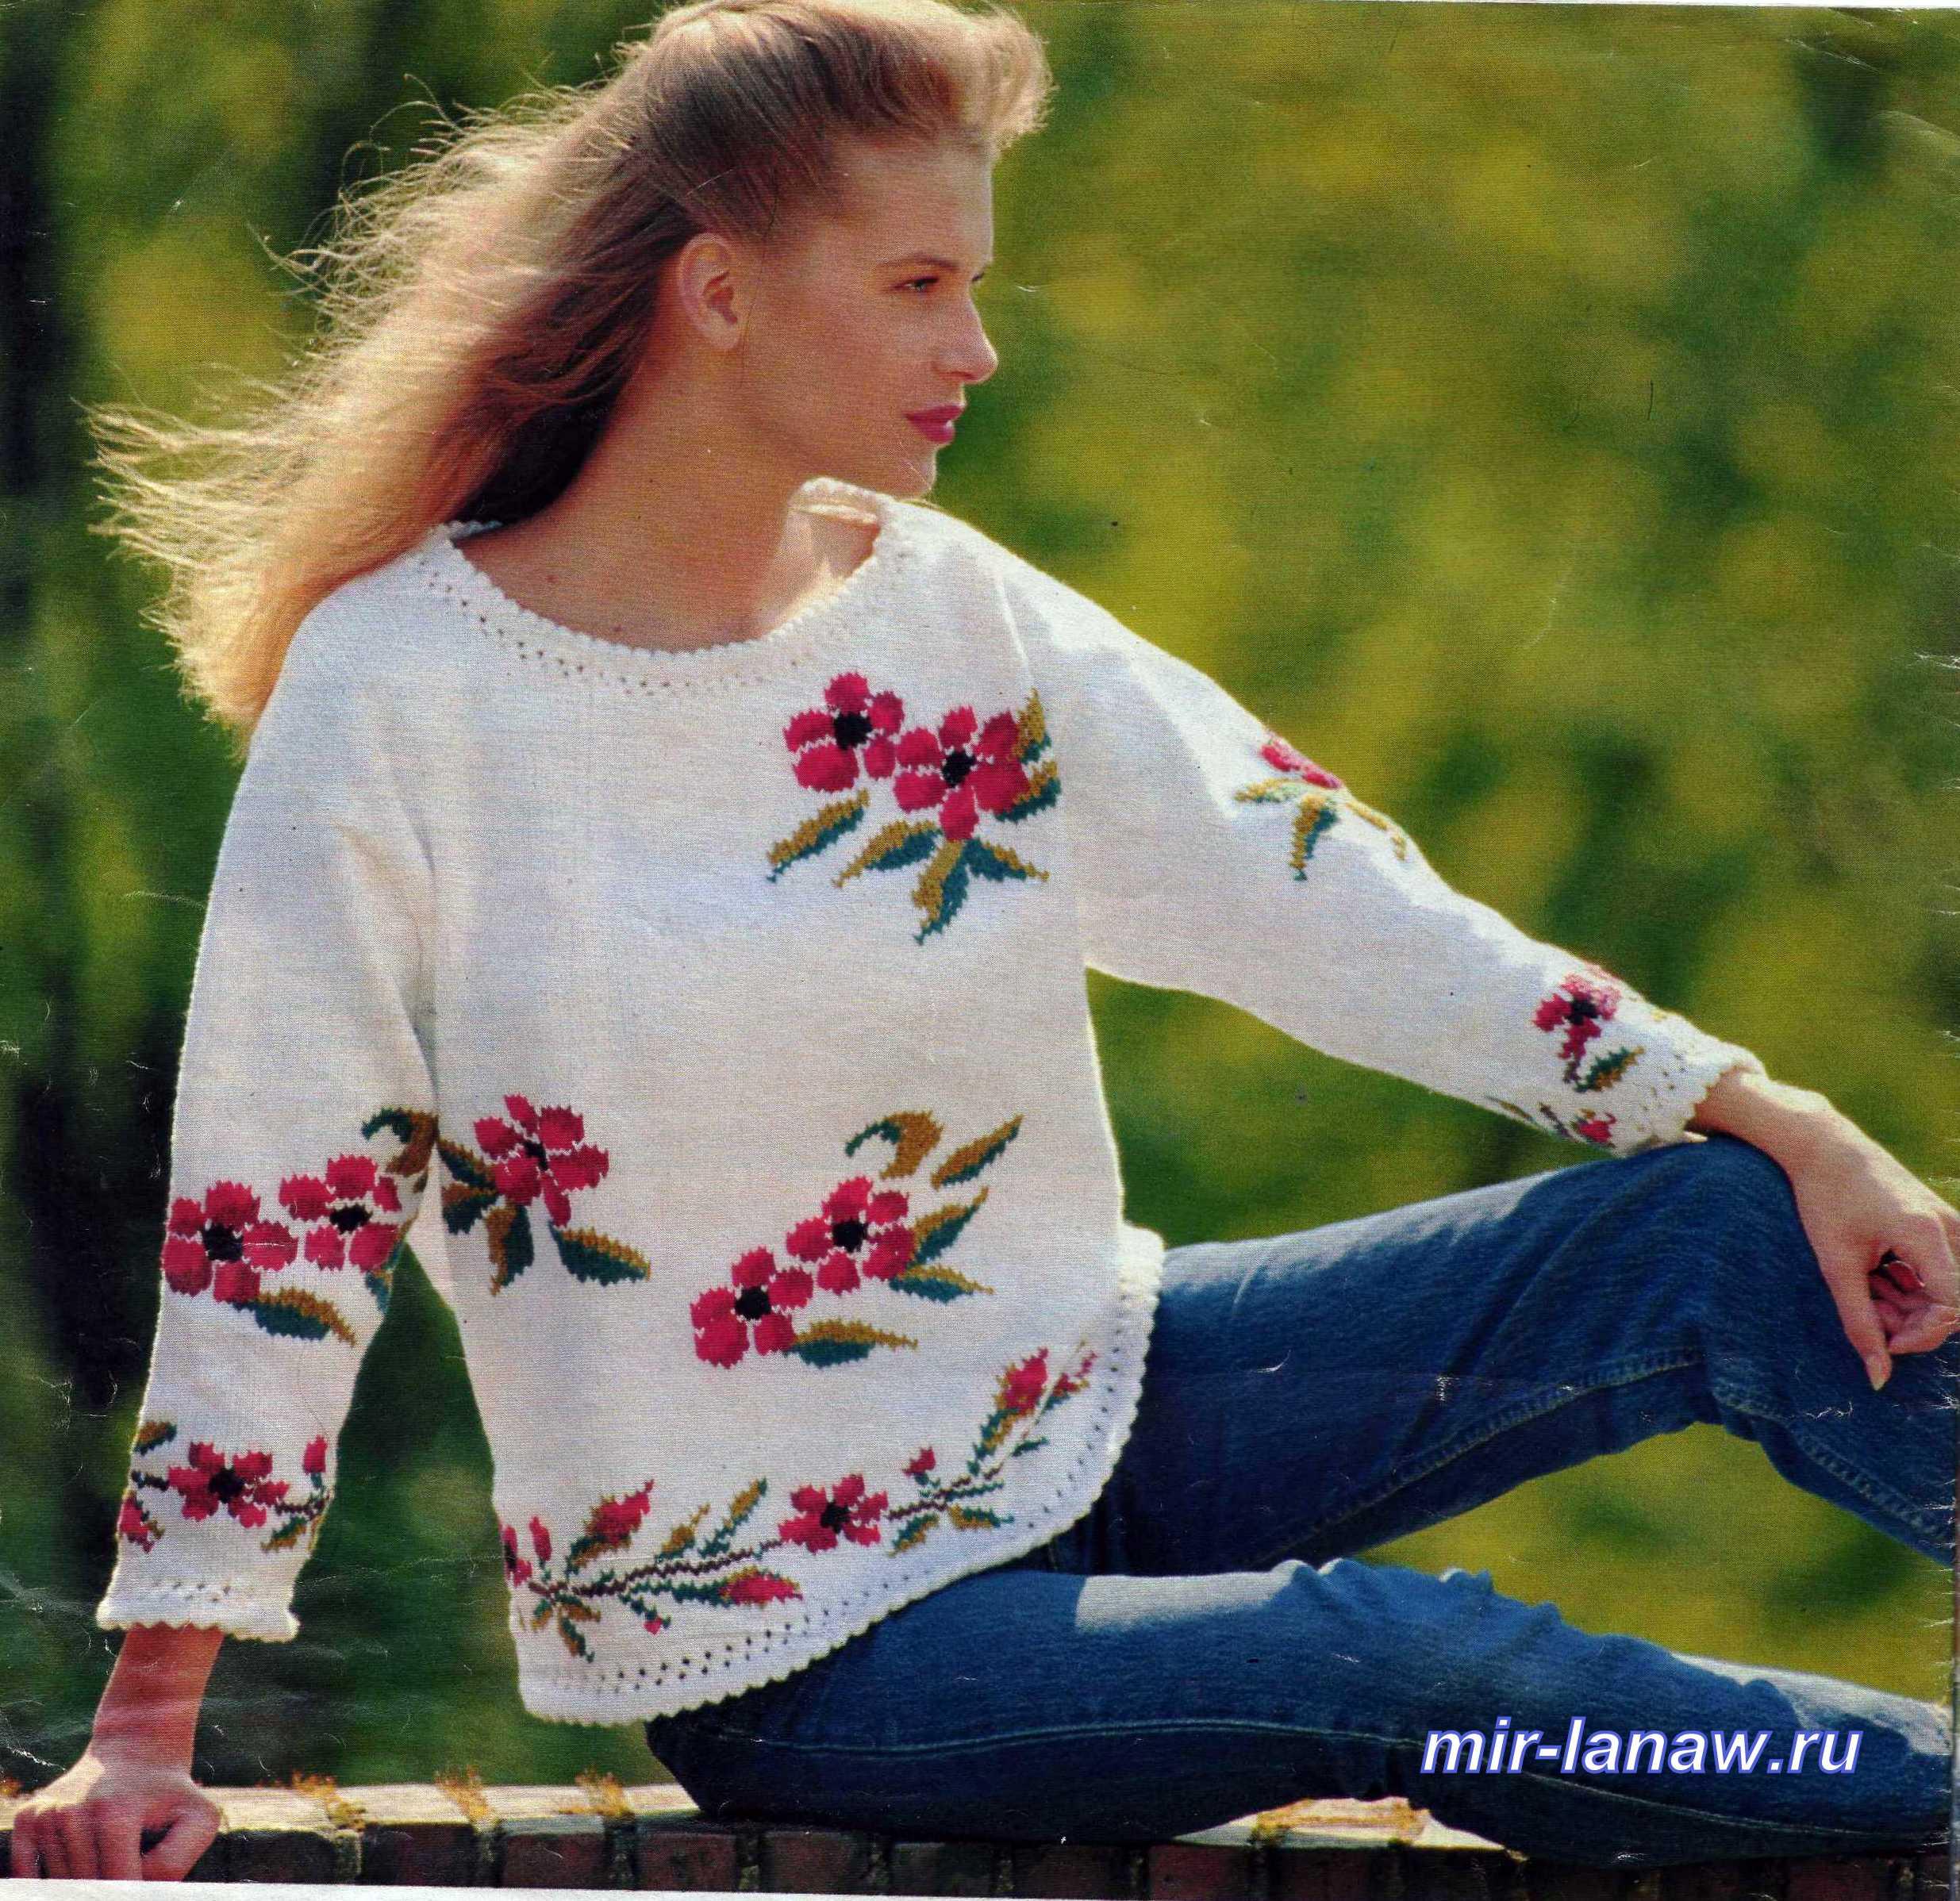 Связать свитер с вышивкой